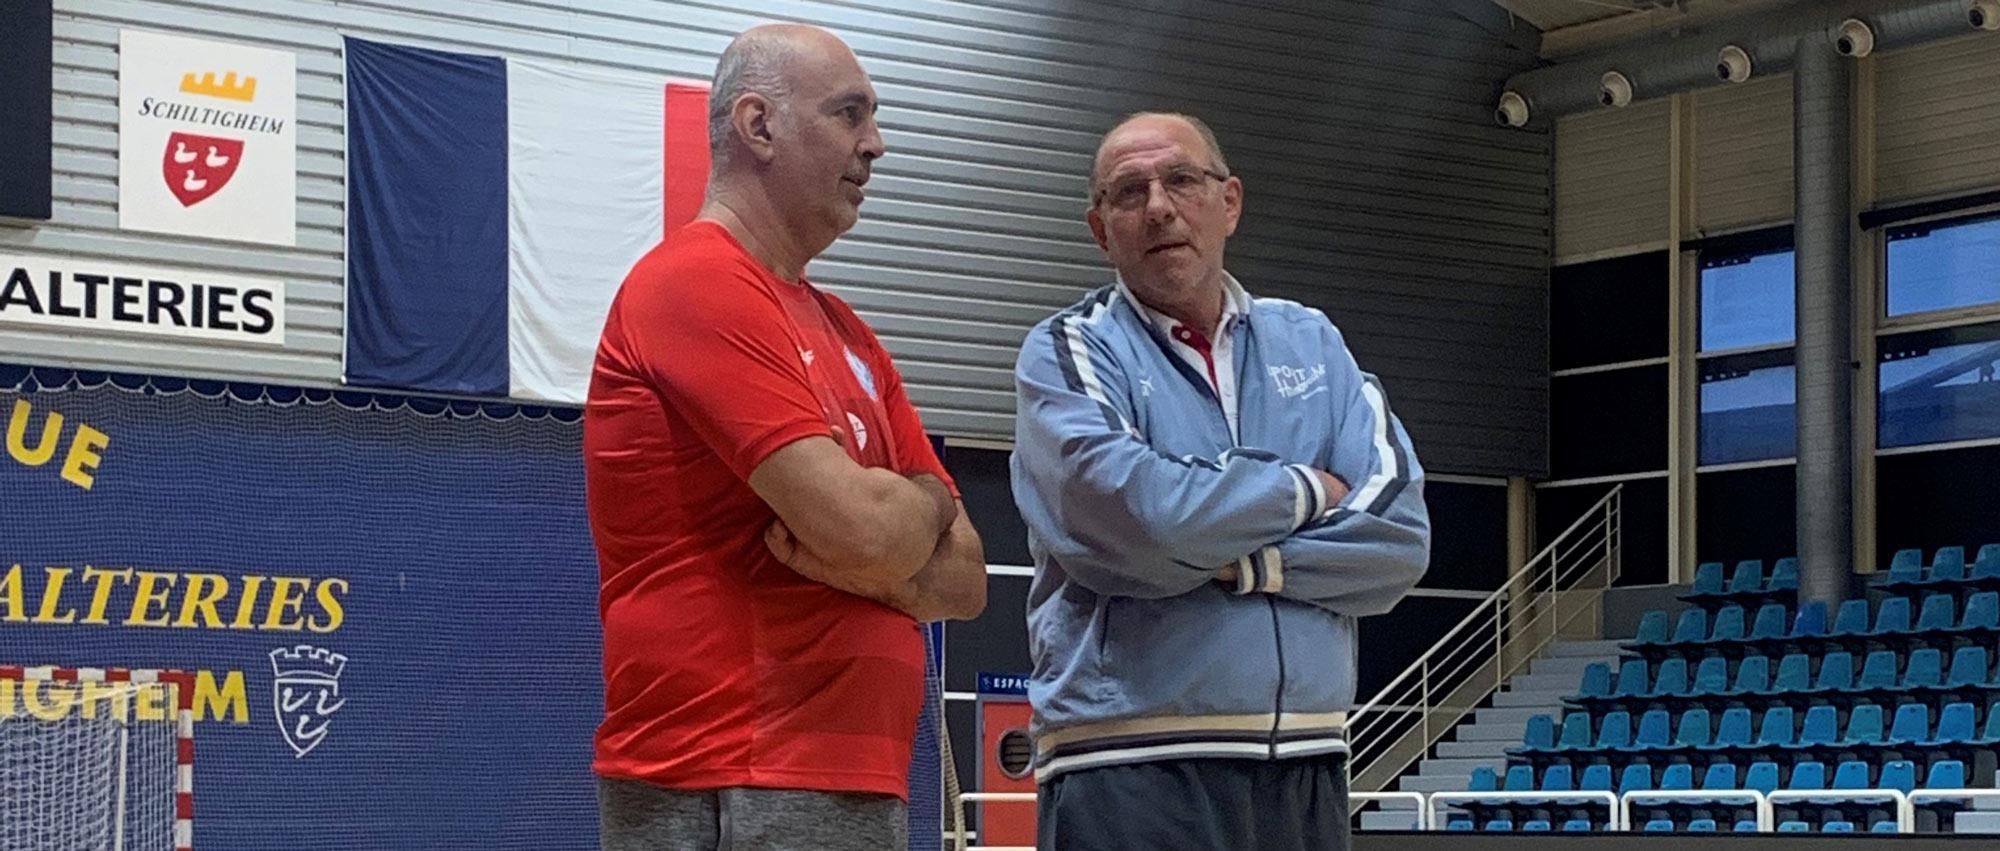 Denis Lathoud, entraîneur de l'ESSAHB, et Andrei Lavrov en pleine discussion lors d'un entraînement